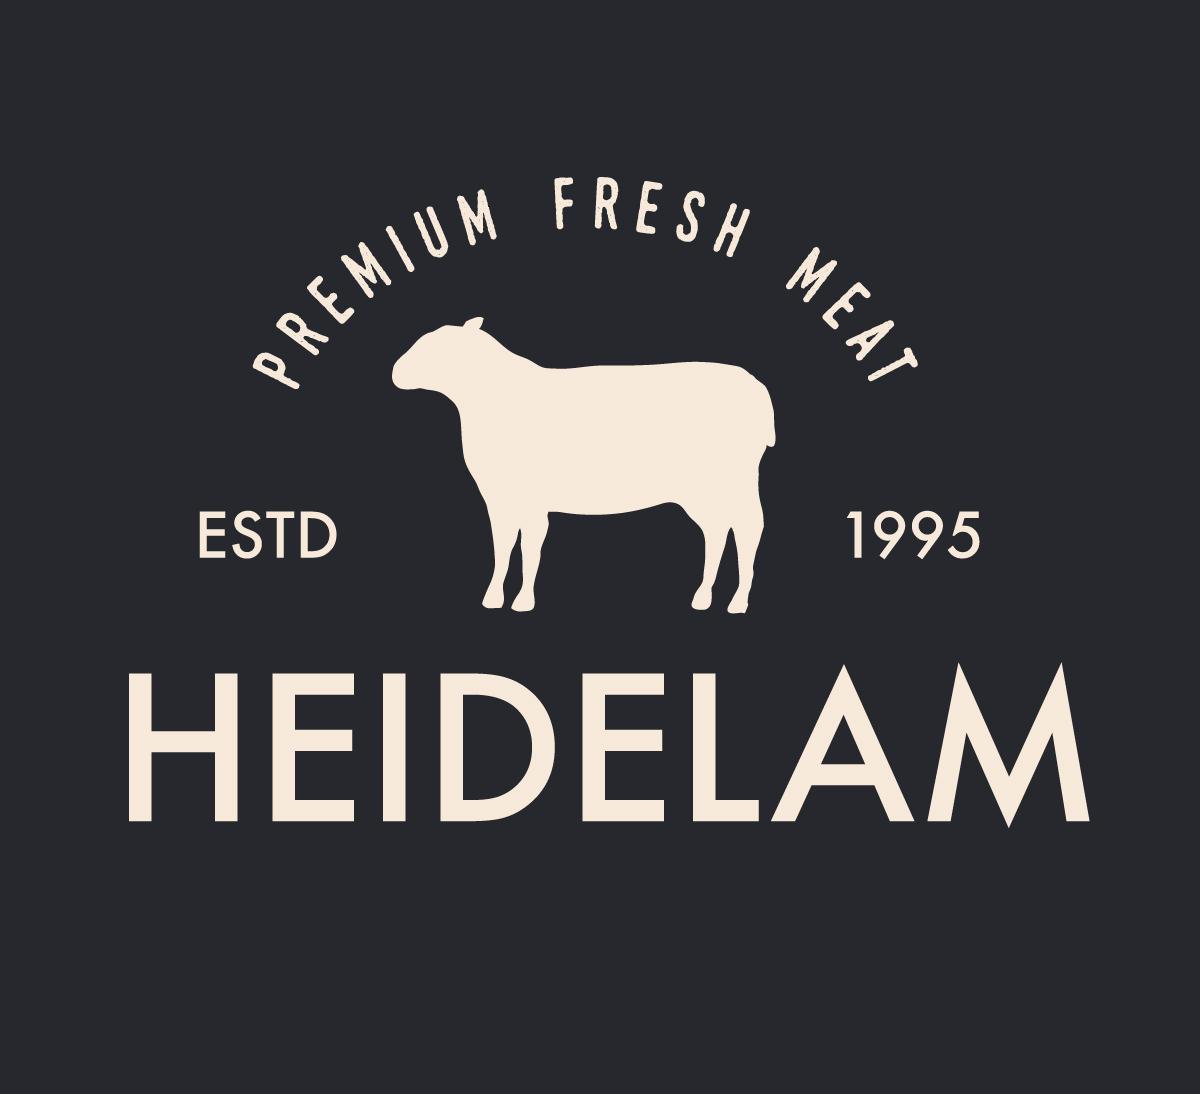 HEIDELAM